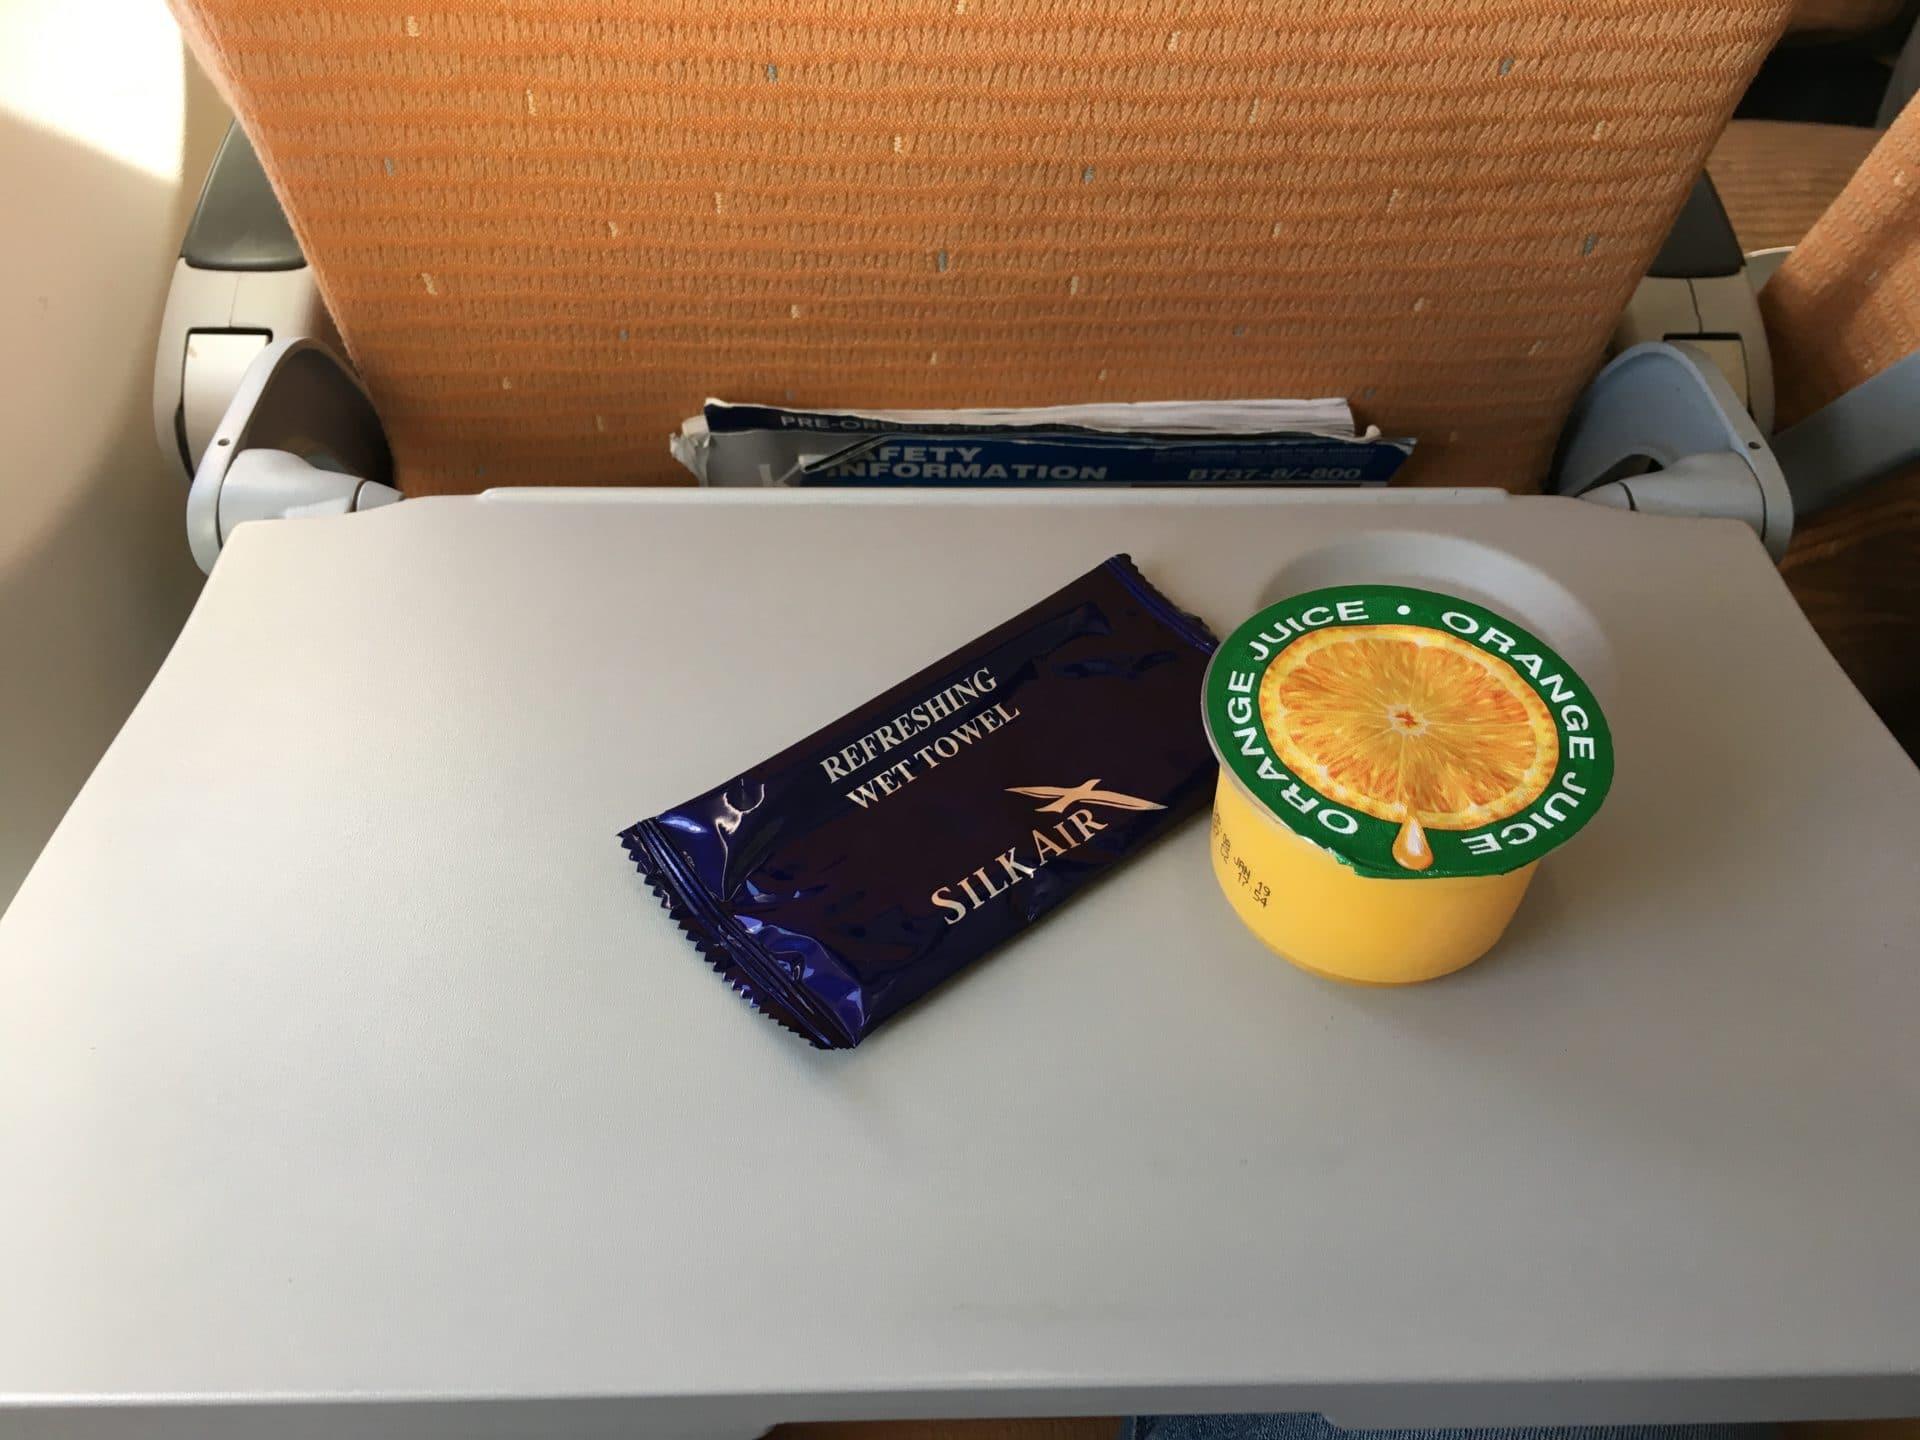 Silk Air Economy Class Kurzstrecke Getränk